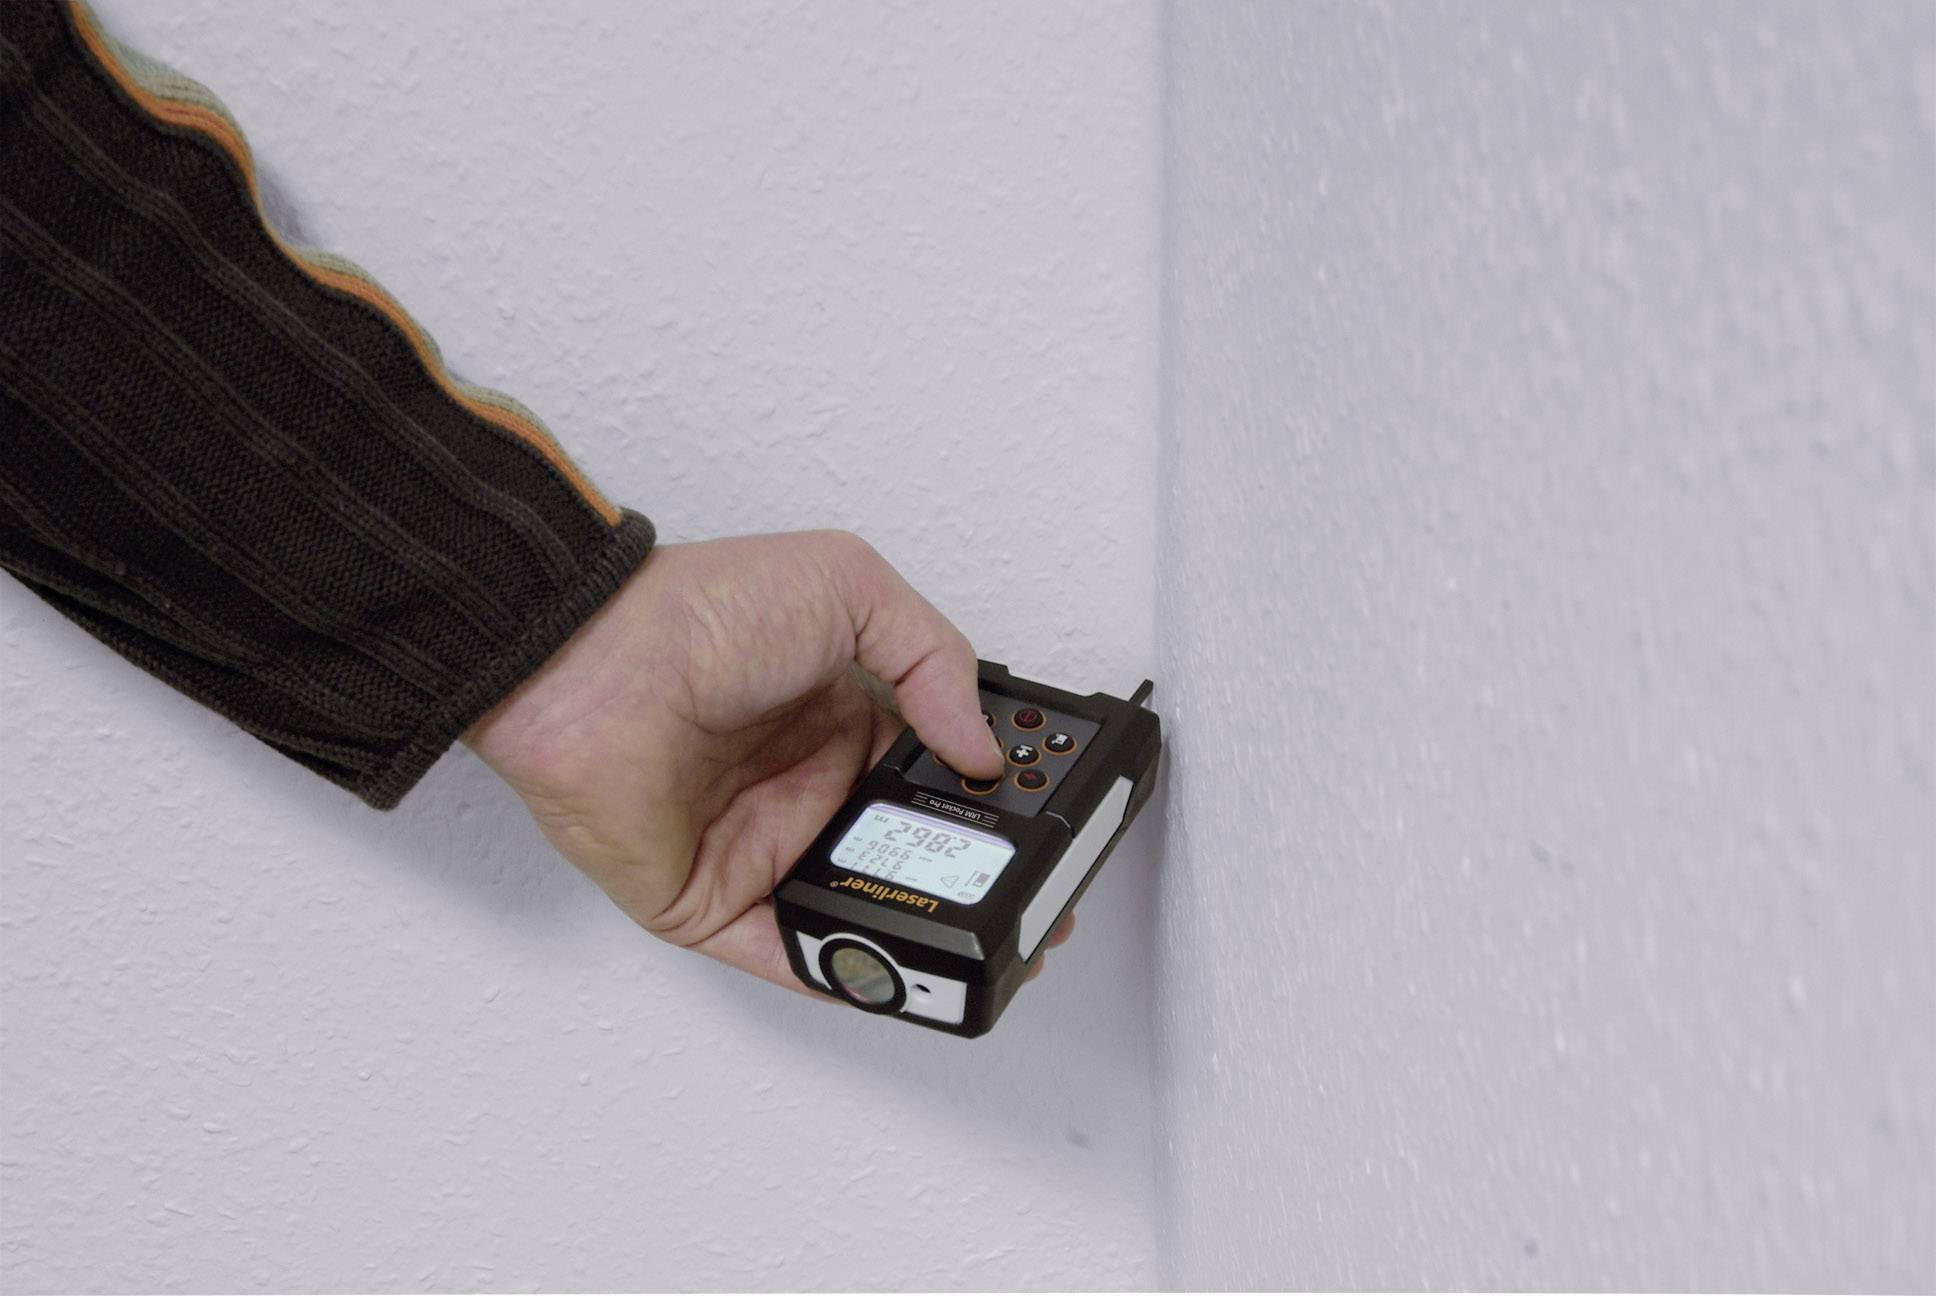 Laser Entfernungsmesser Laserliner : Laserliner pocket pro set laser entfernungsmesser messbereich max